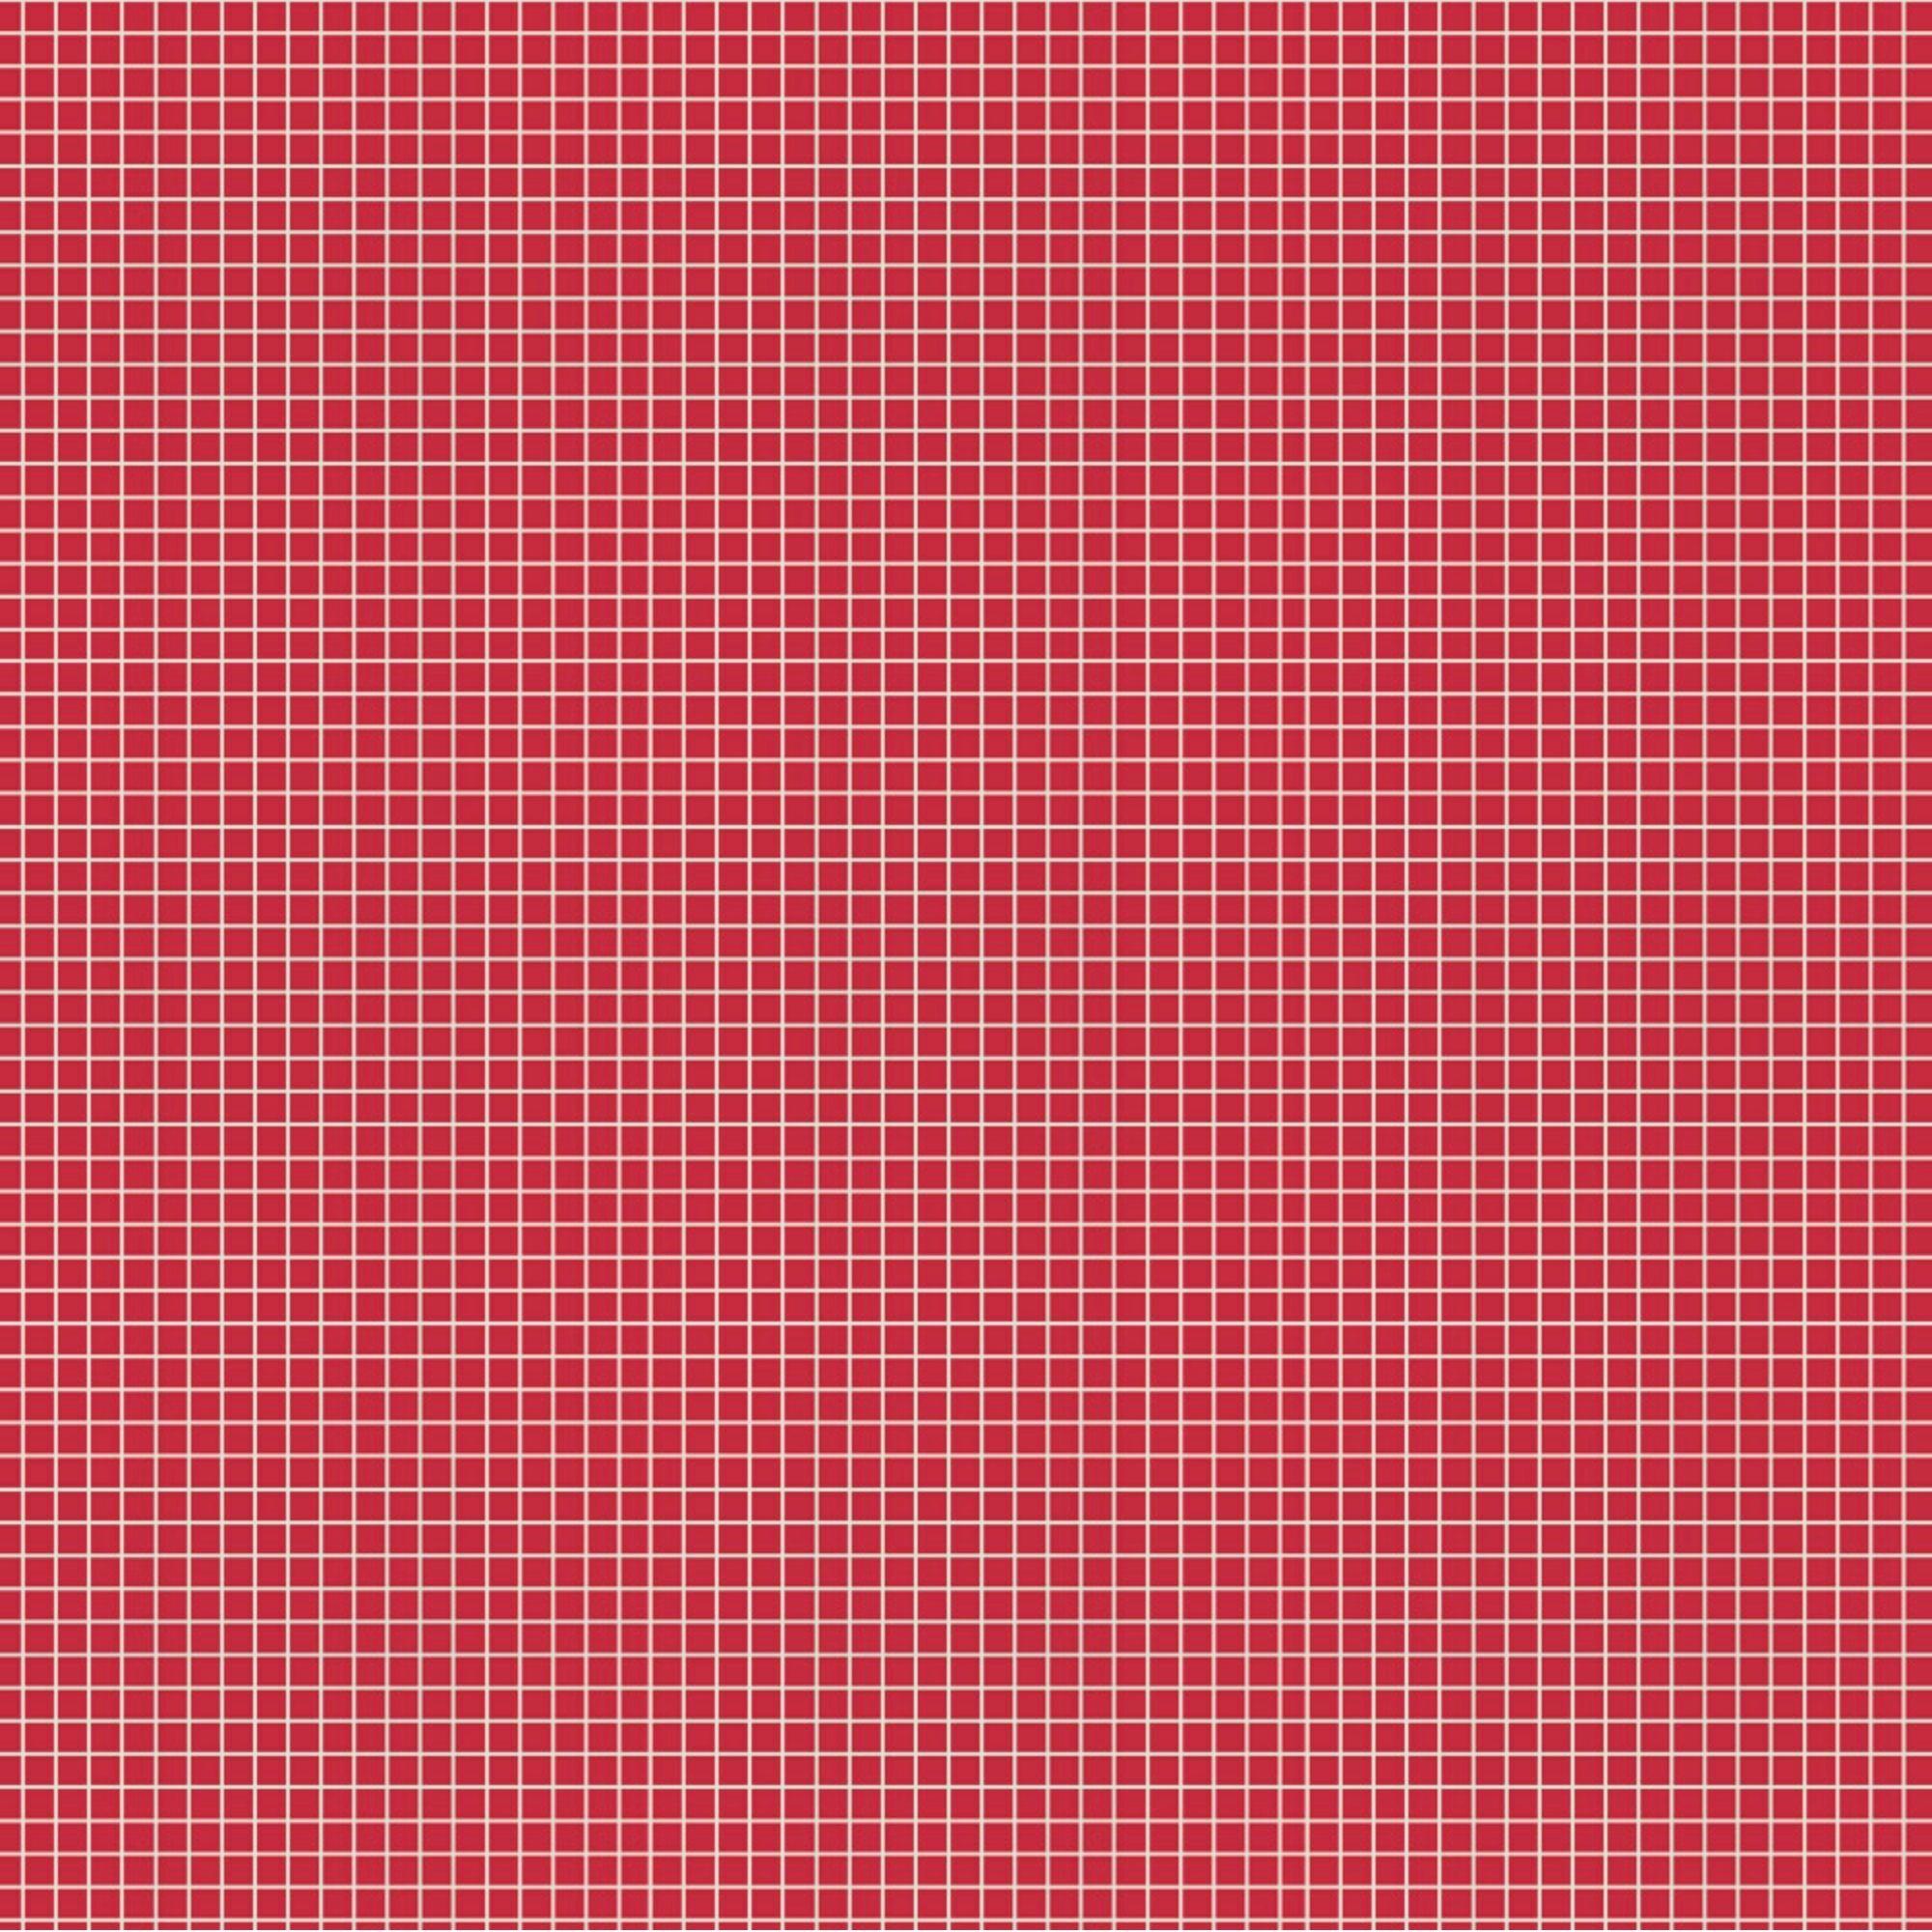 Tecido Tricoline Quadradinhos - Fundo Vermelho - Preço de 50 cm x 150 cm